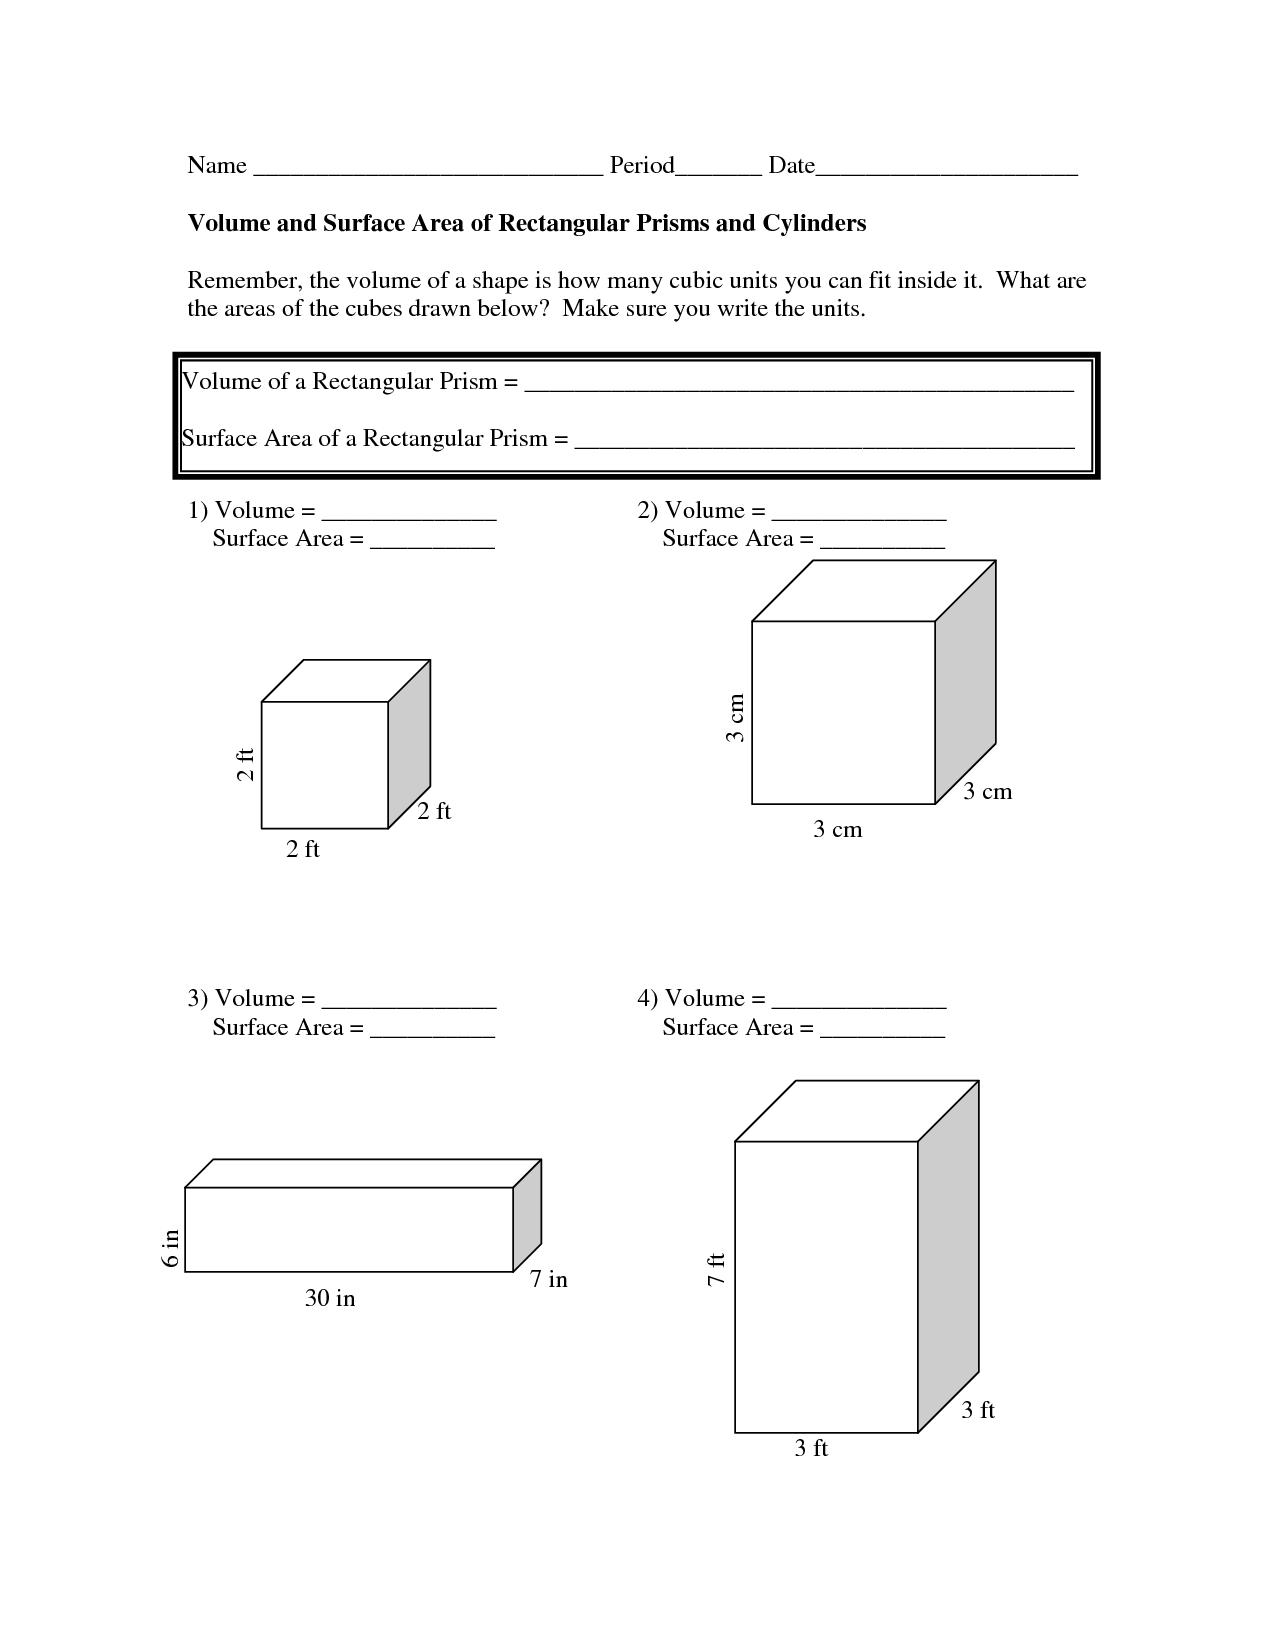 Worksheet Volume Of Cylinder Worksheet Volume And Surface